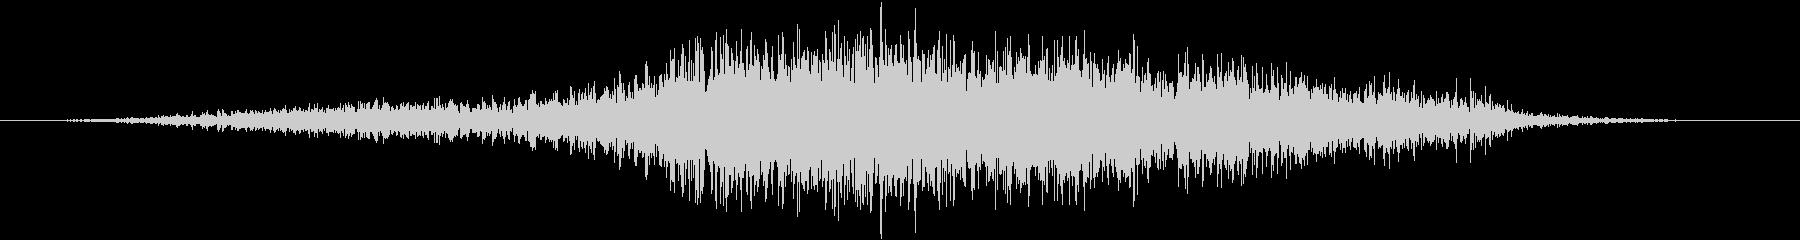 【ライザー】23 エピックサウンド 壮大の未再生の波形